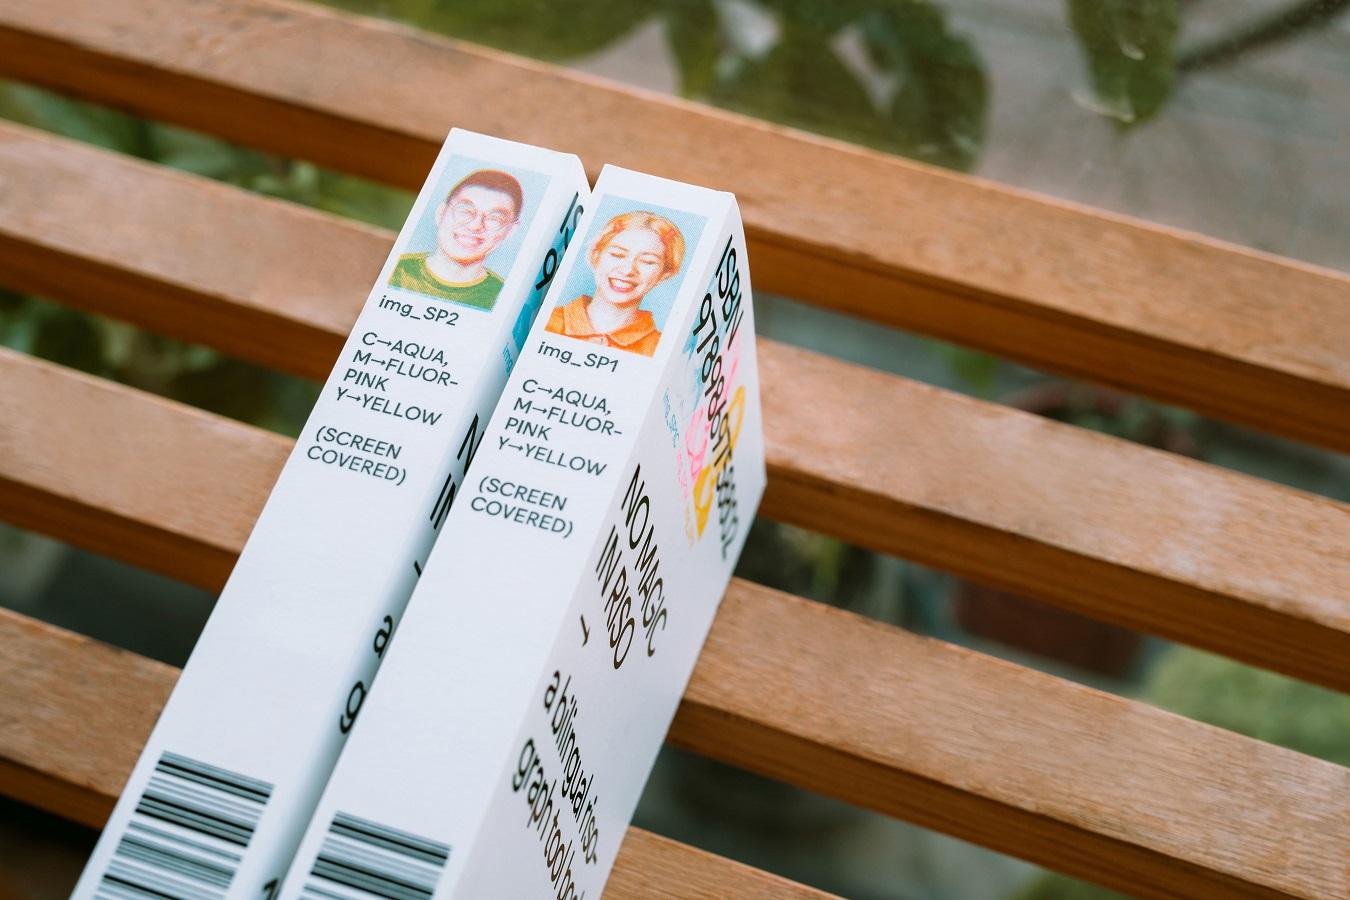 NOT JUST A READER!不只是圖書館年度限定設計票券 ╳ O.OO的實驗數學題 (下)